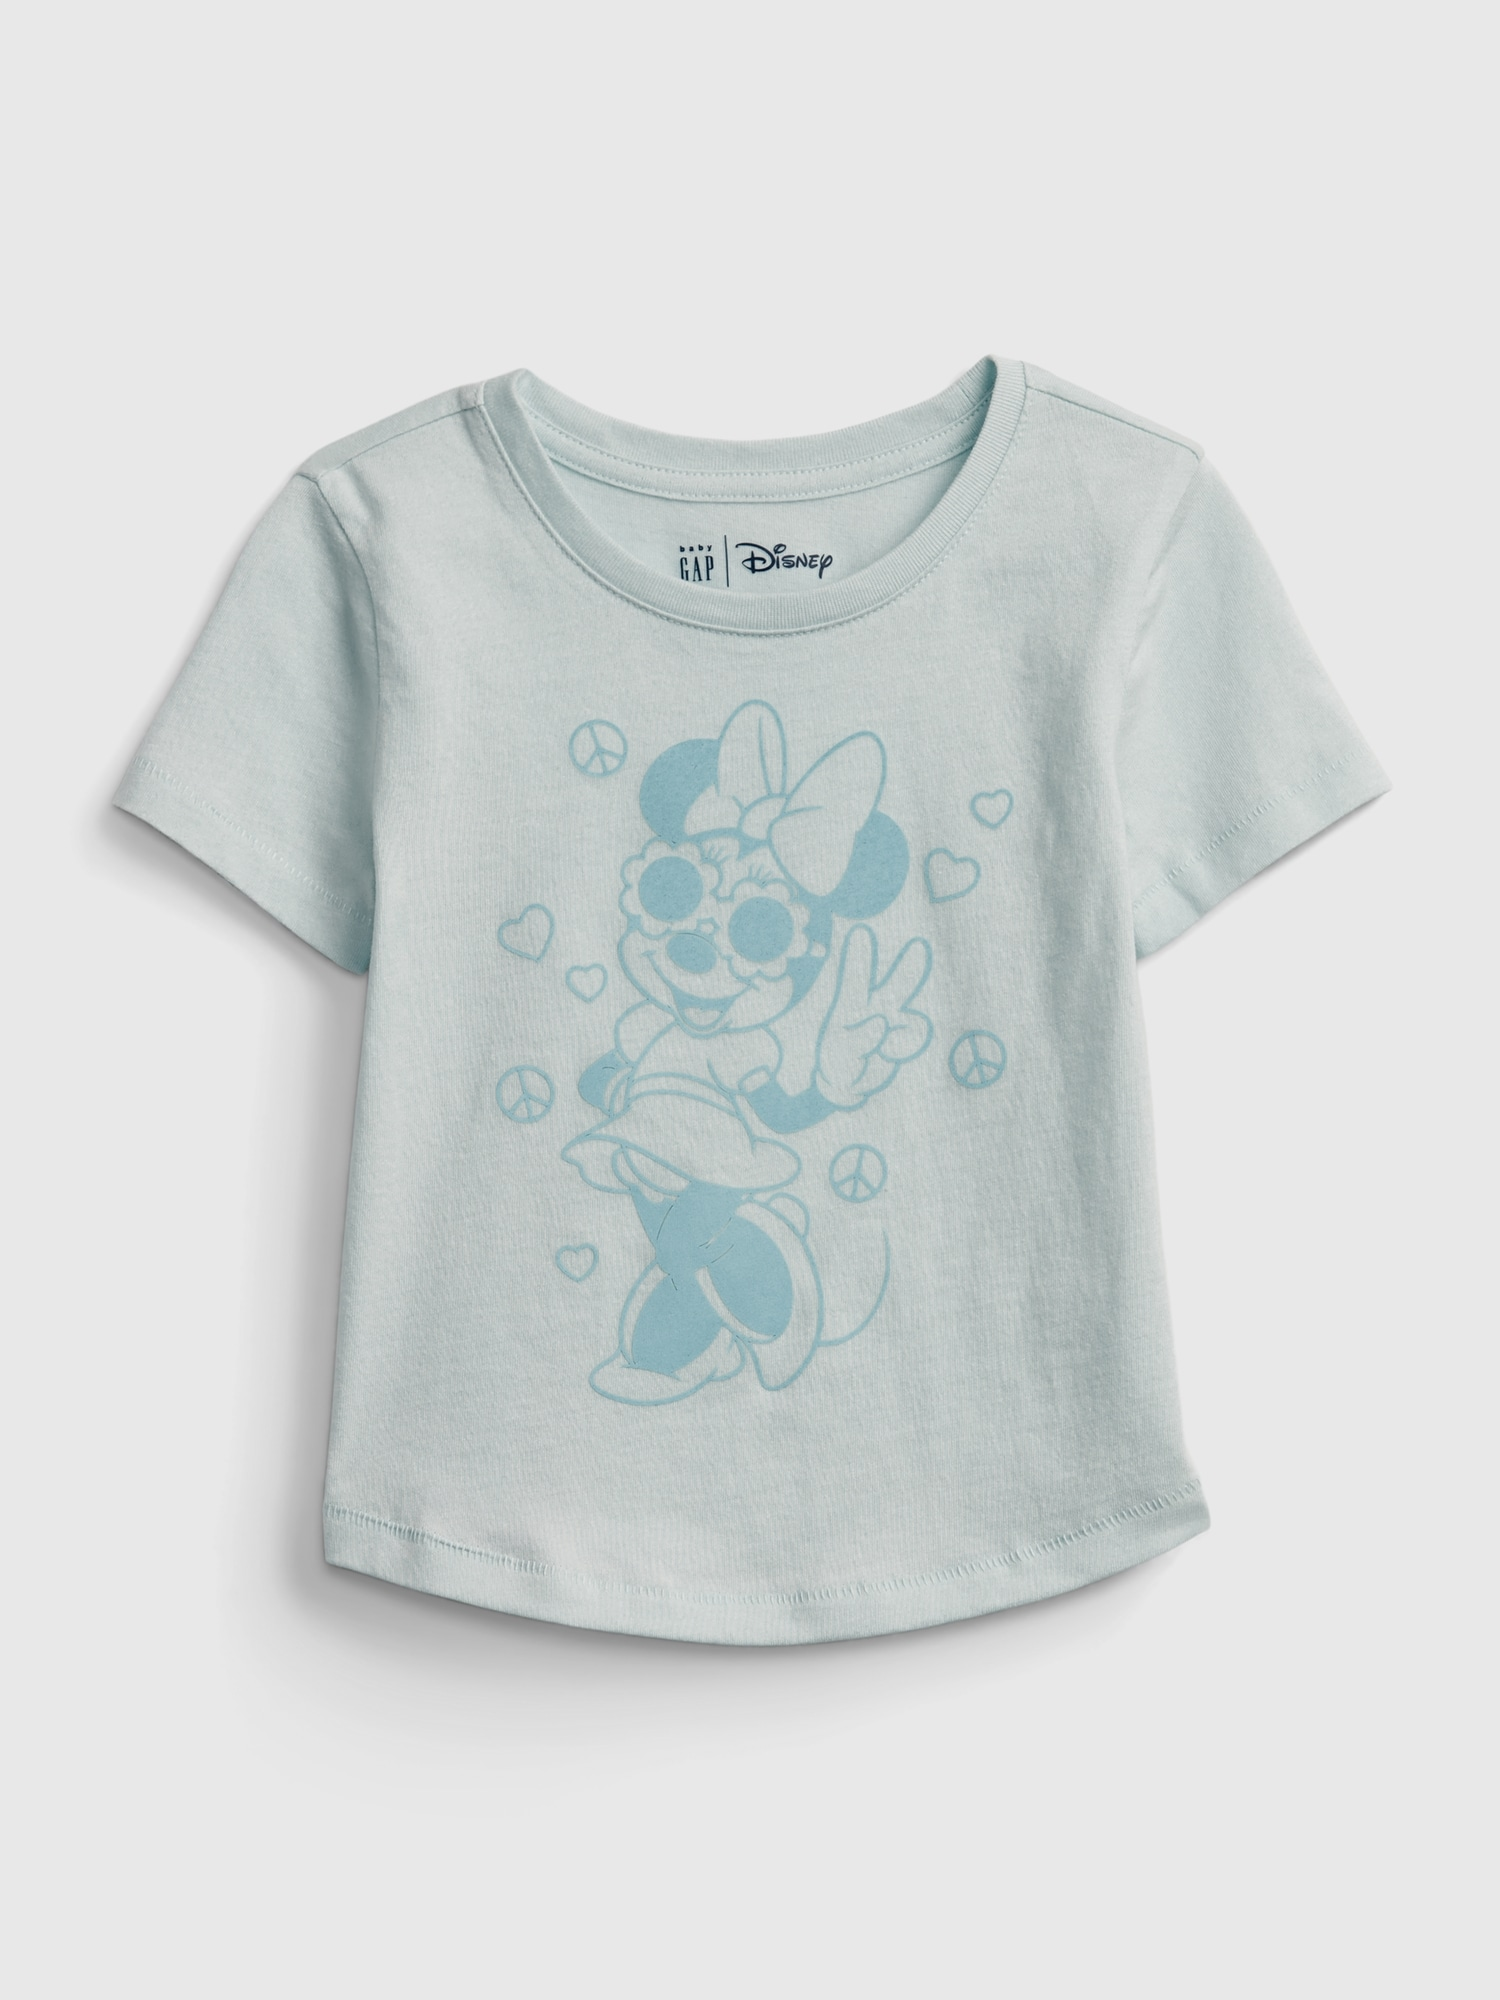 Babygap ディズニー ミッキーマウス&ミニーマウス フラッシュ グラフィックtシャツ